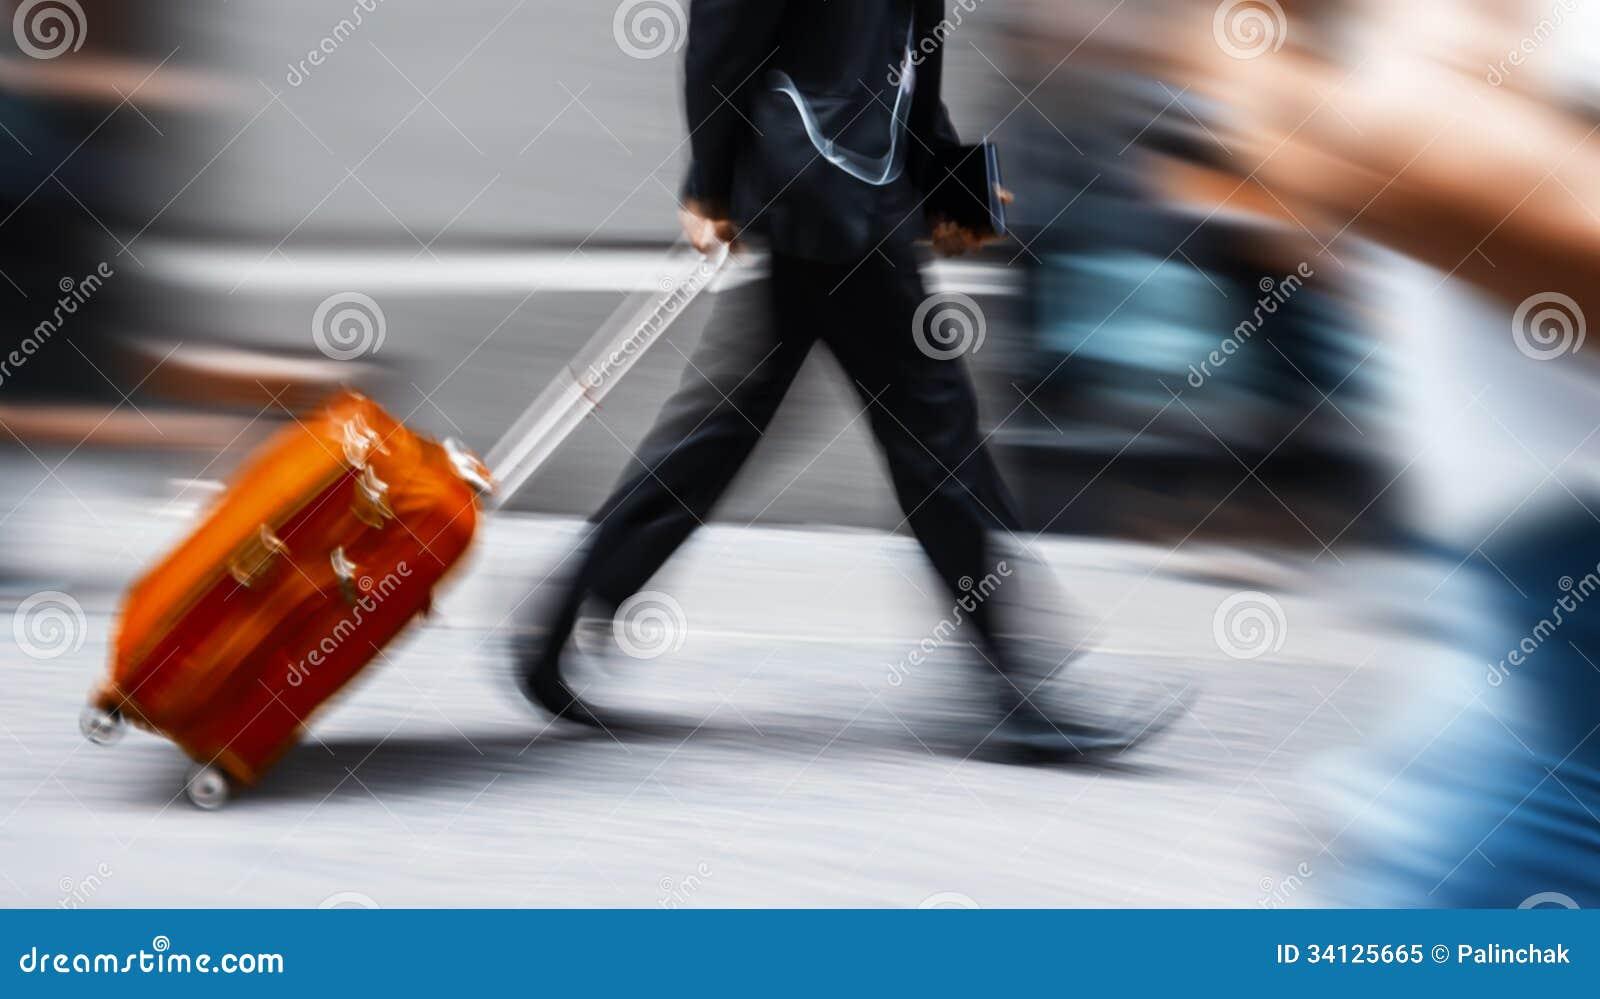 Επιχειρηματίας με μια κόκκινη βαλίτσα σε μια βιασύνη